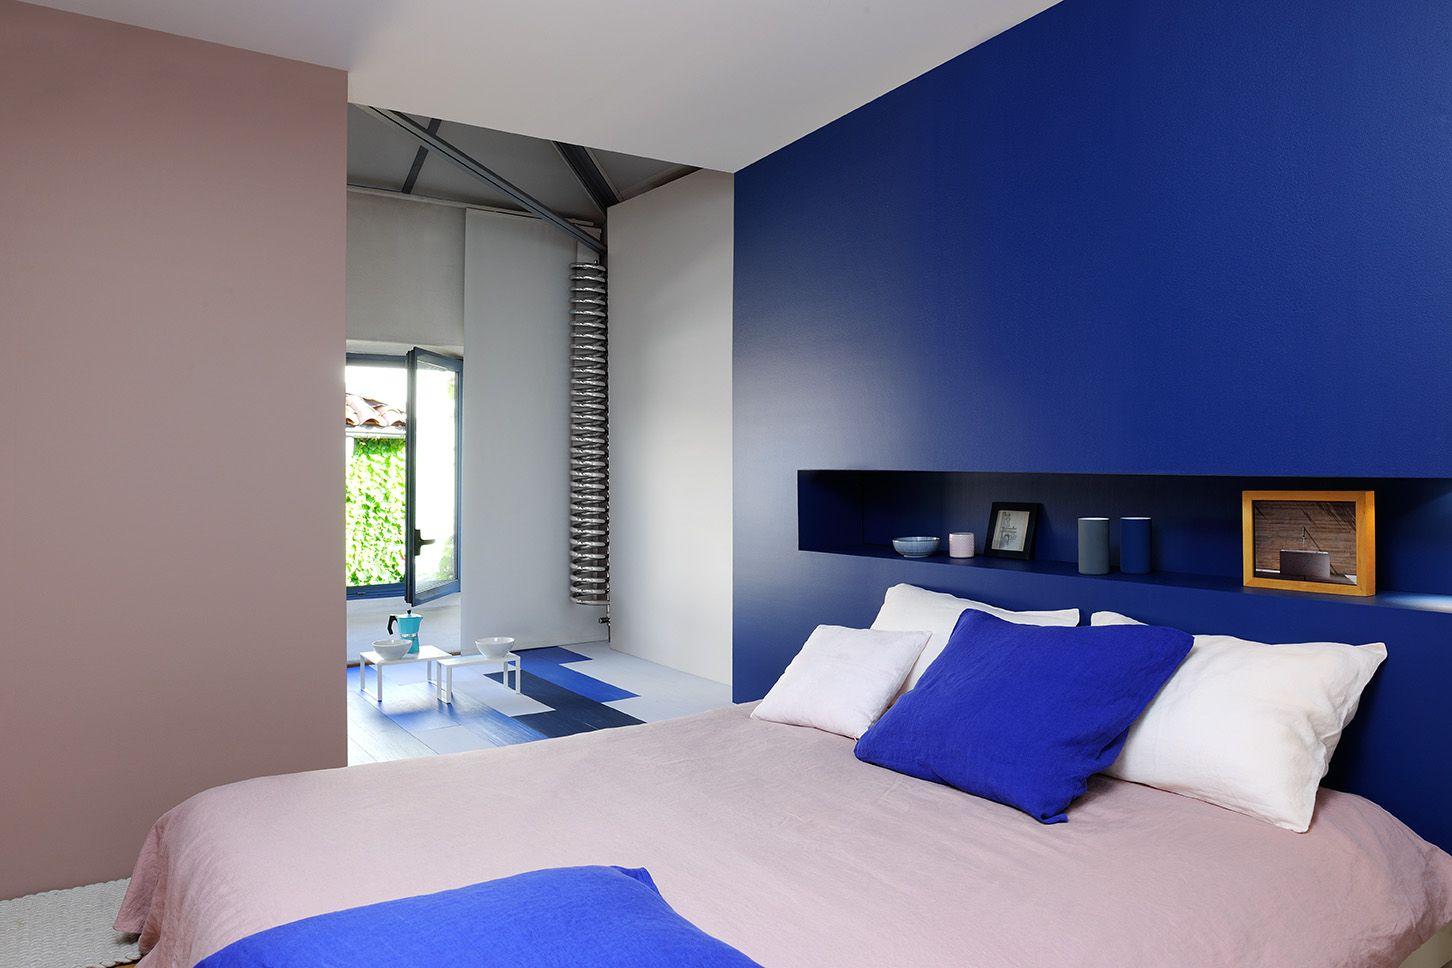 Tete De Lit Bleu Canard Peinture une tête de lit niche ultra décorative #zolpan #peinture